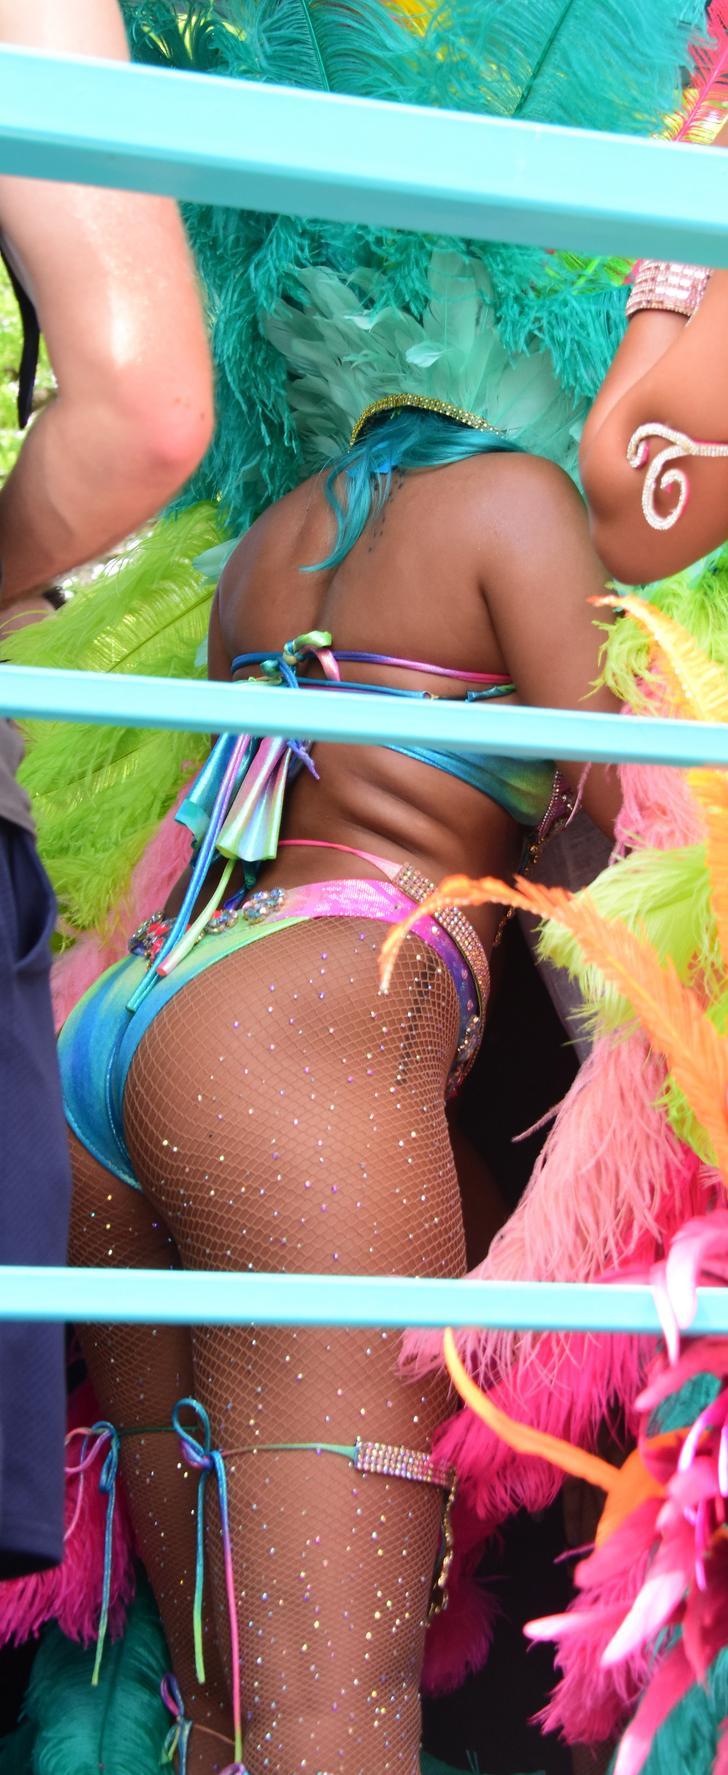 Rihanna hairy pussy